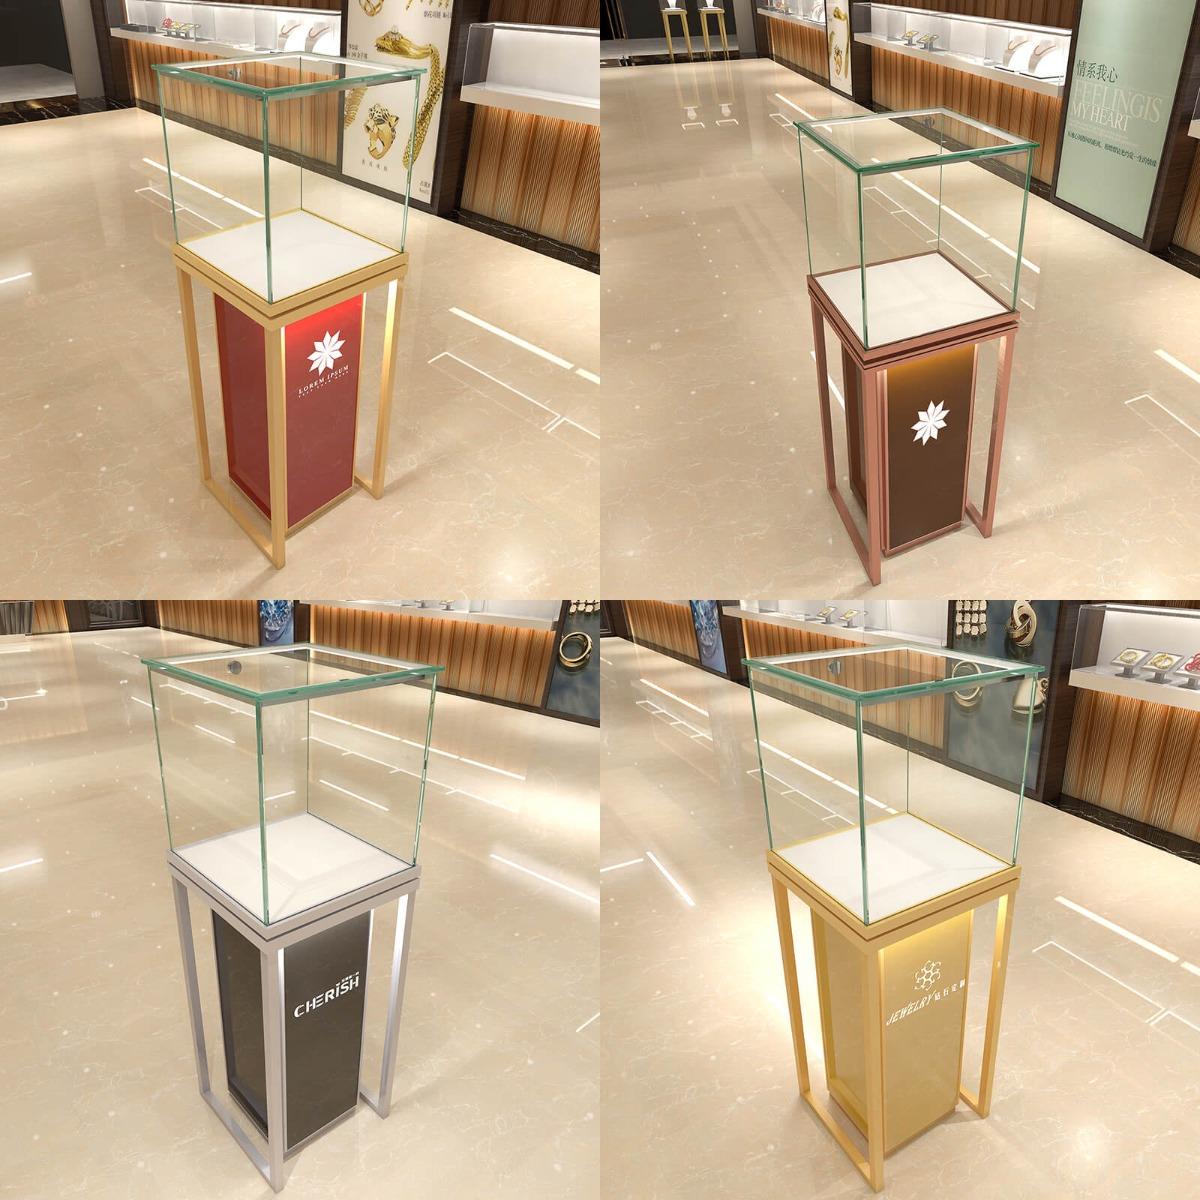 pedestal counter